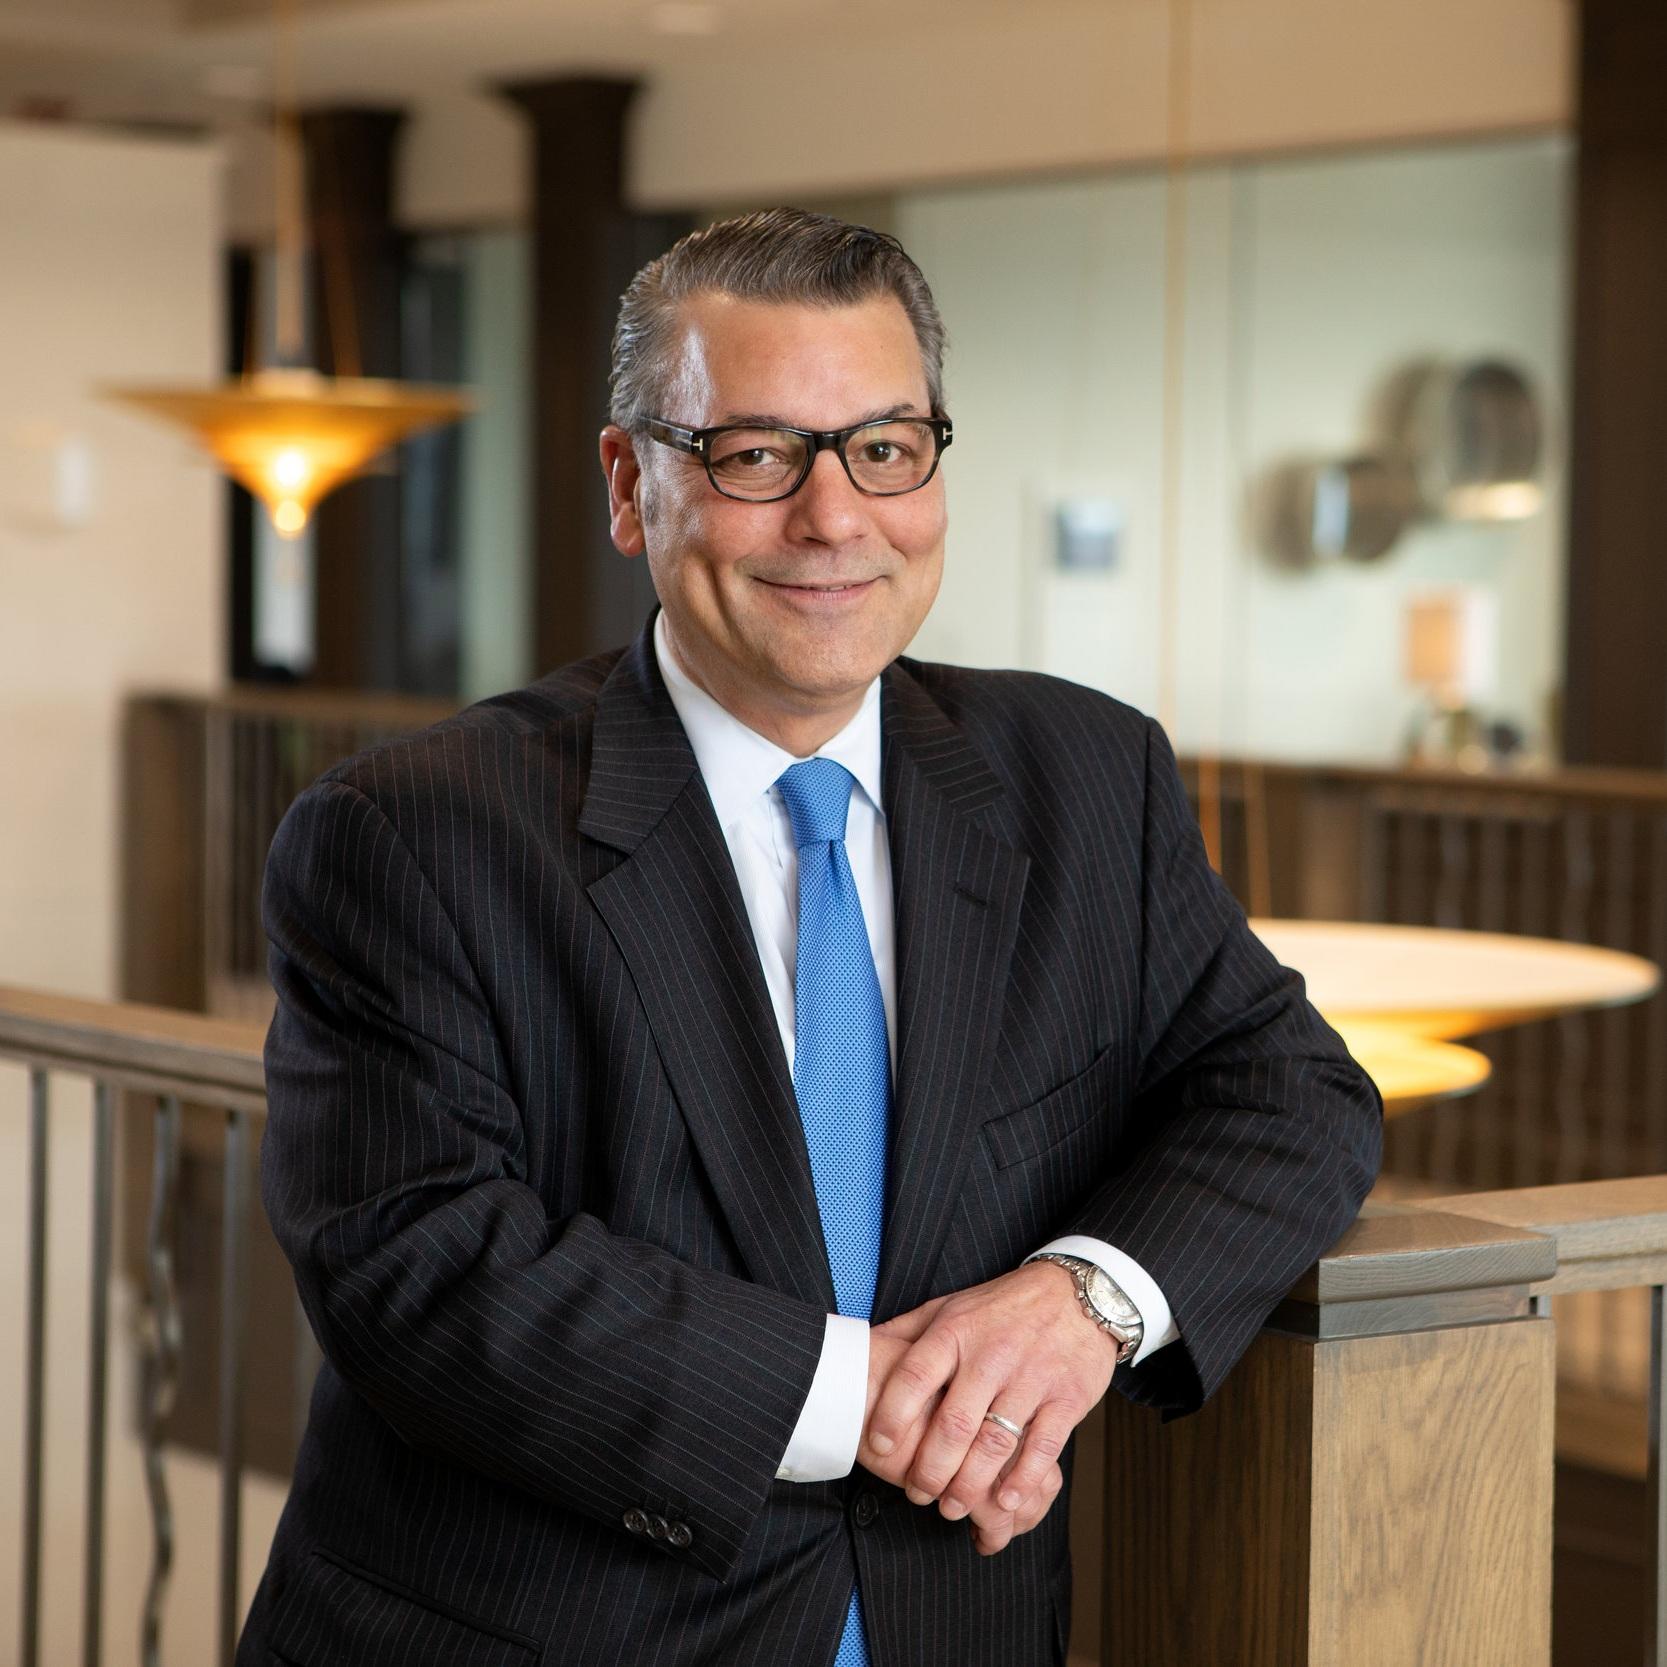 John Ross Senior Vice President Client Development